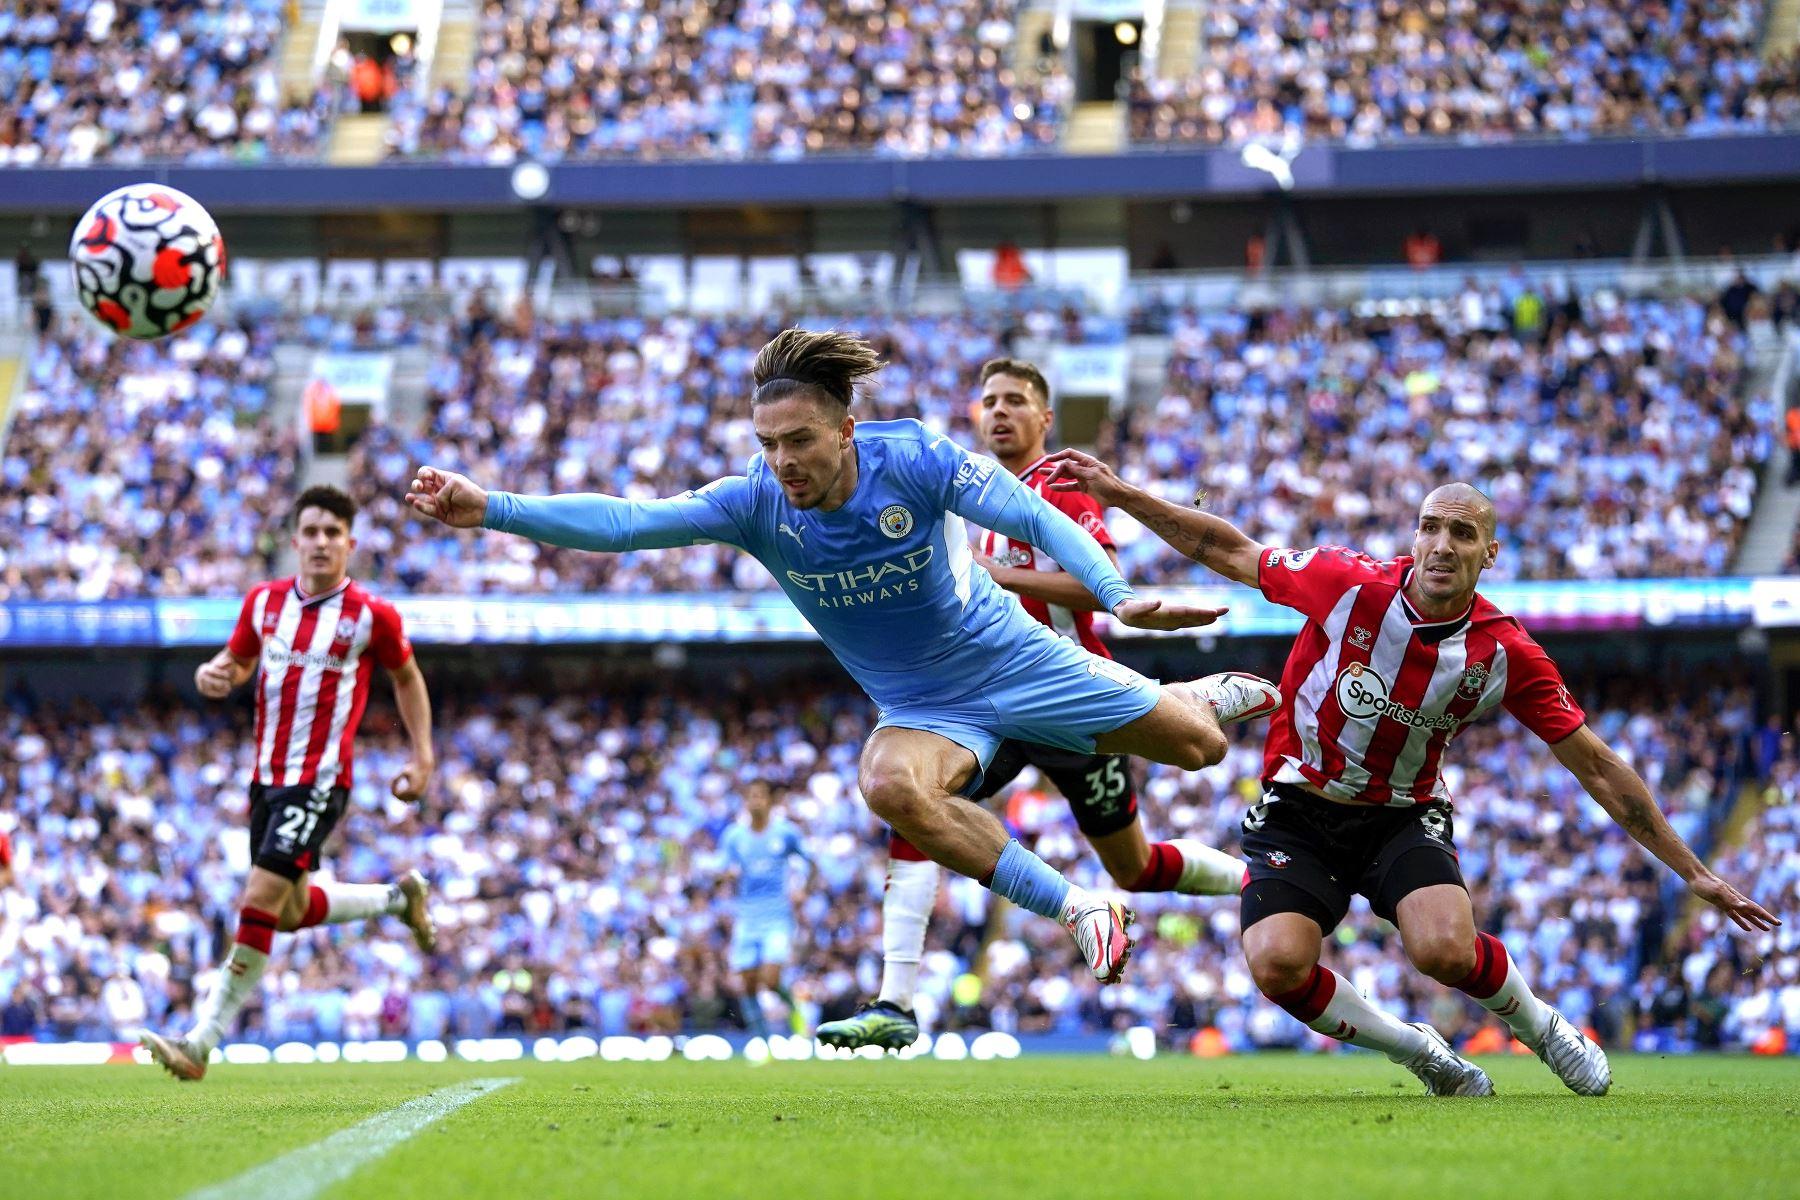 Jack Grealish del Manchester City en acción contra James Ward-Prowse del Southampton durante el partido de la Premier League. Foto: EFE